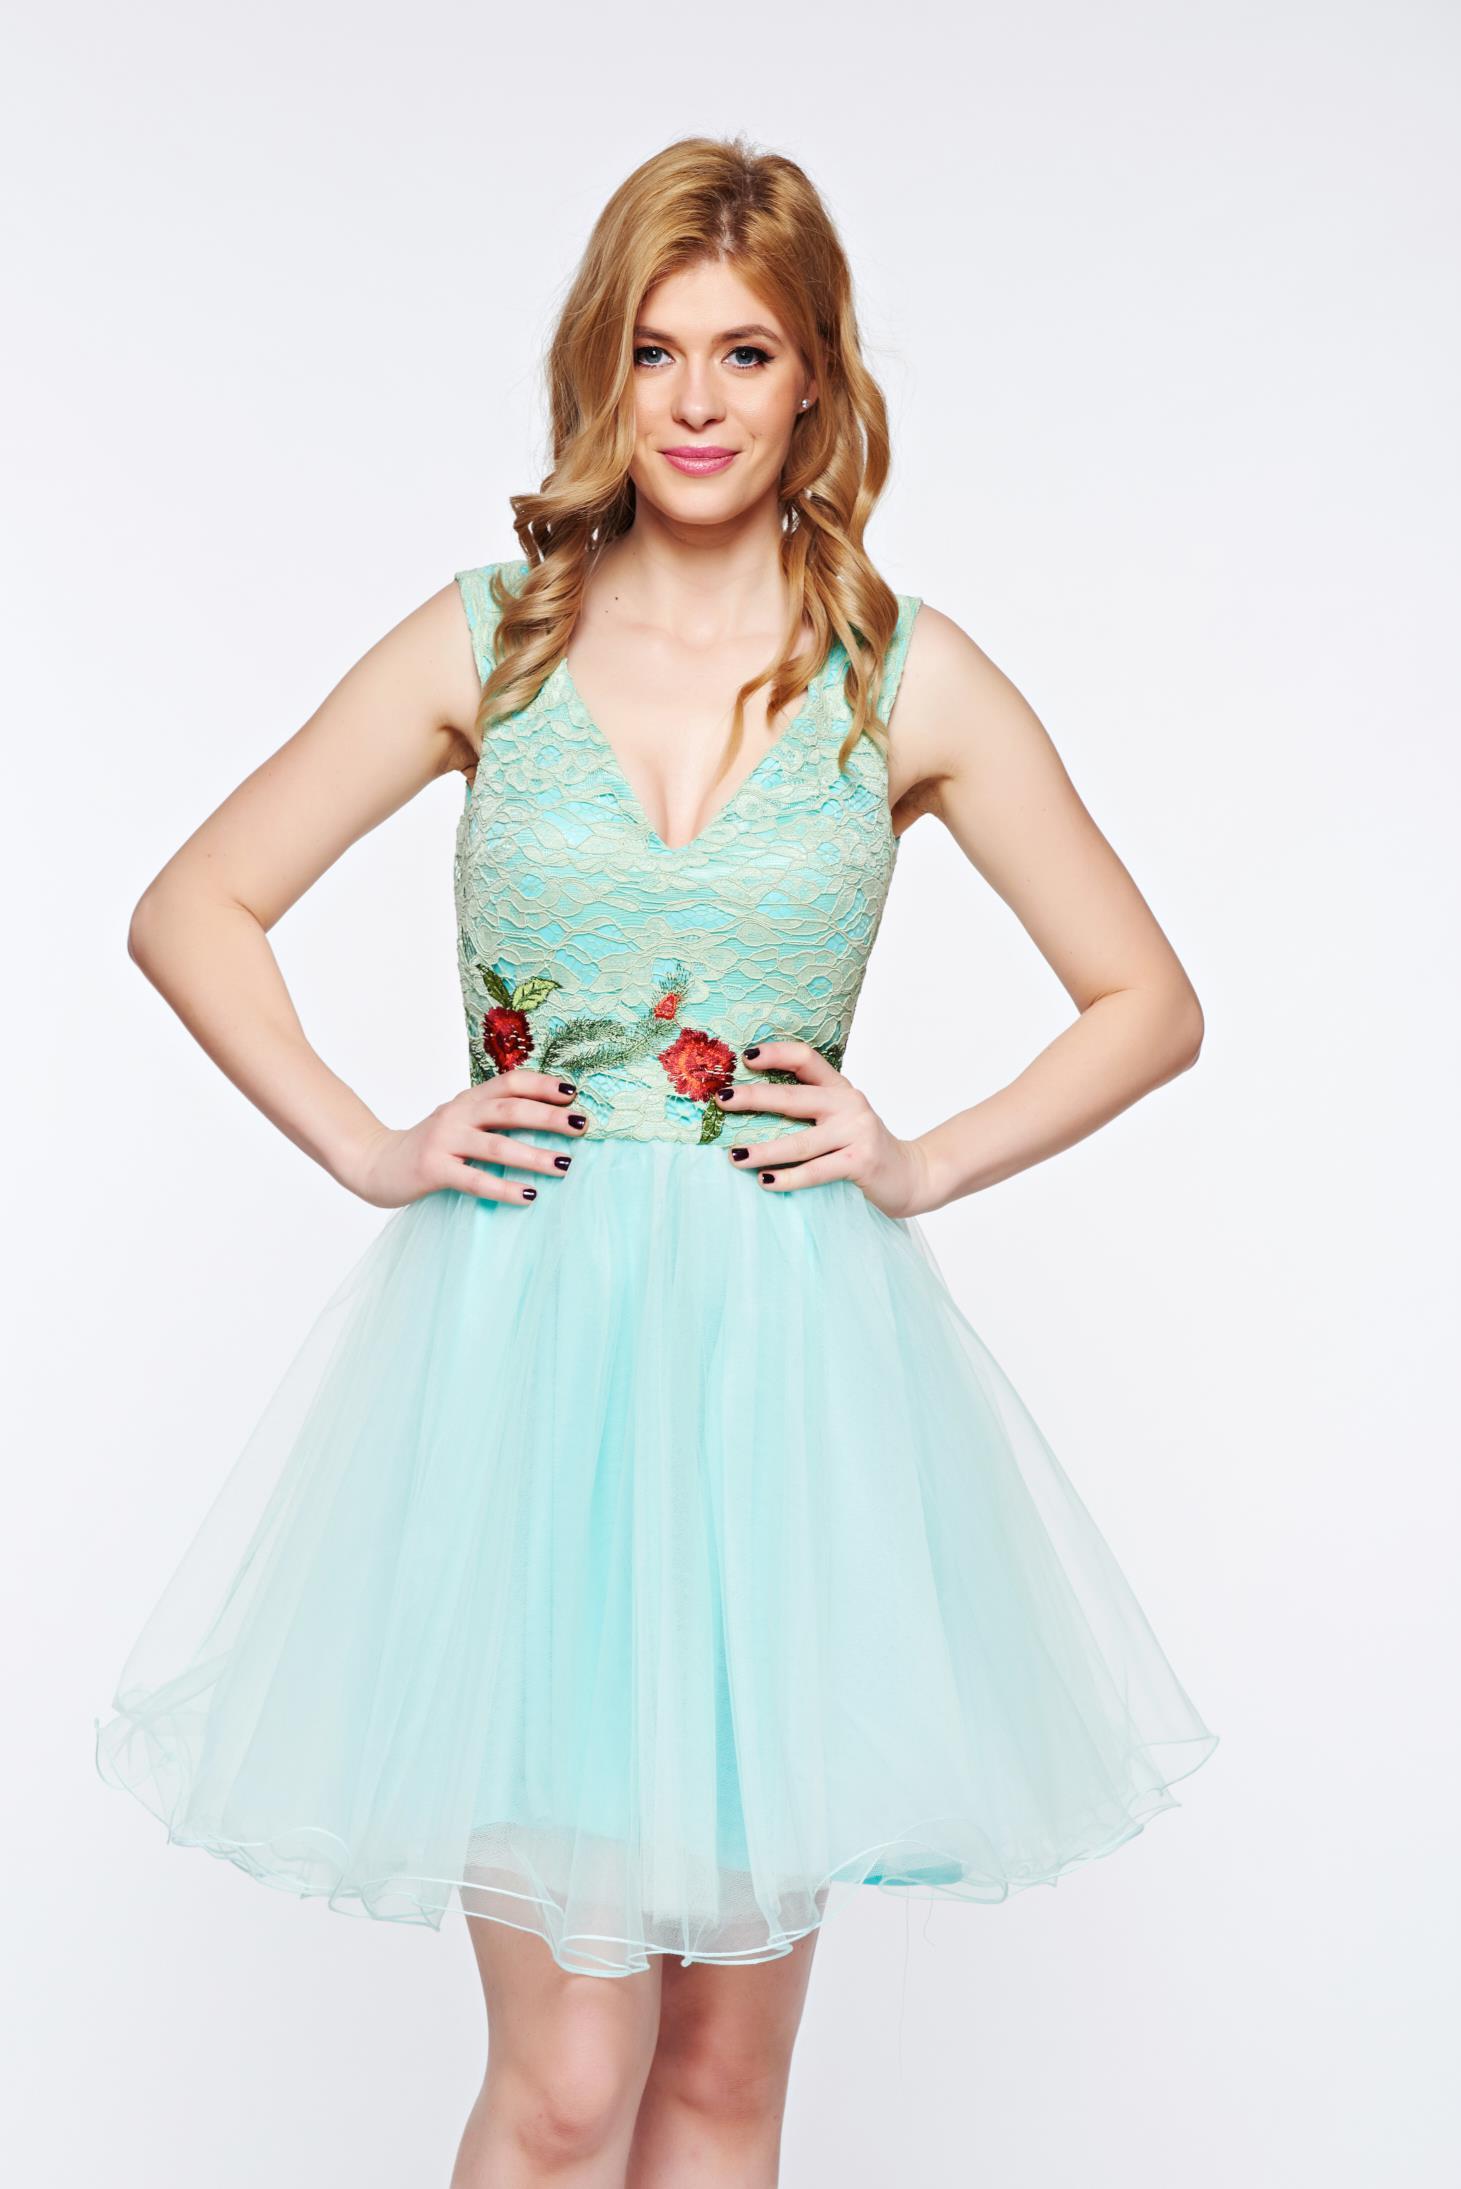 Fantastisch Minze Cocktail Kleid Fotos - Brautkleider Ideen ...